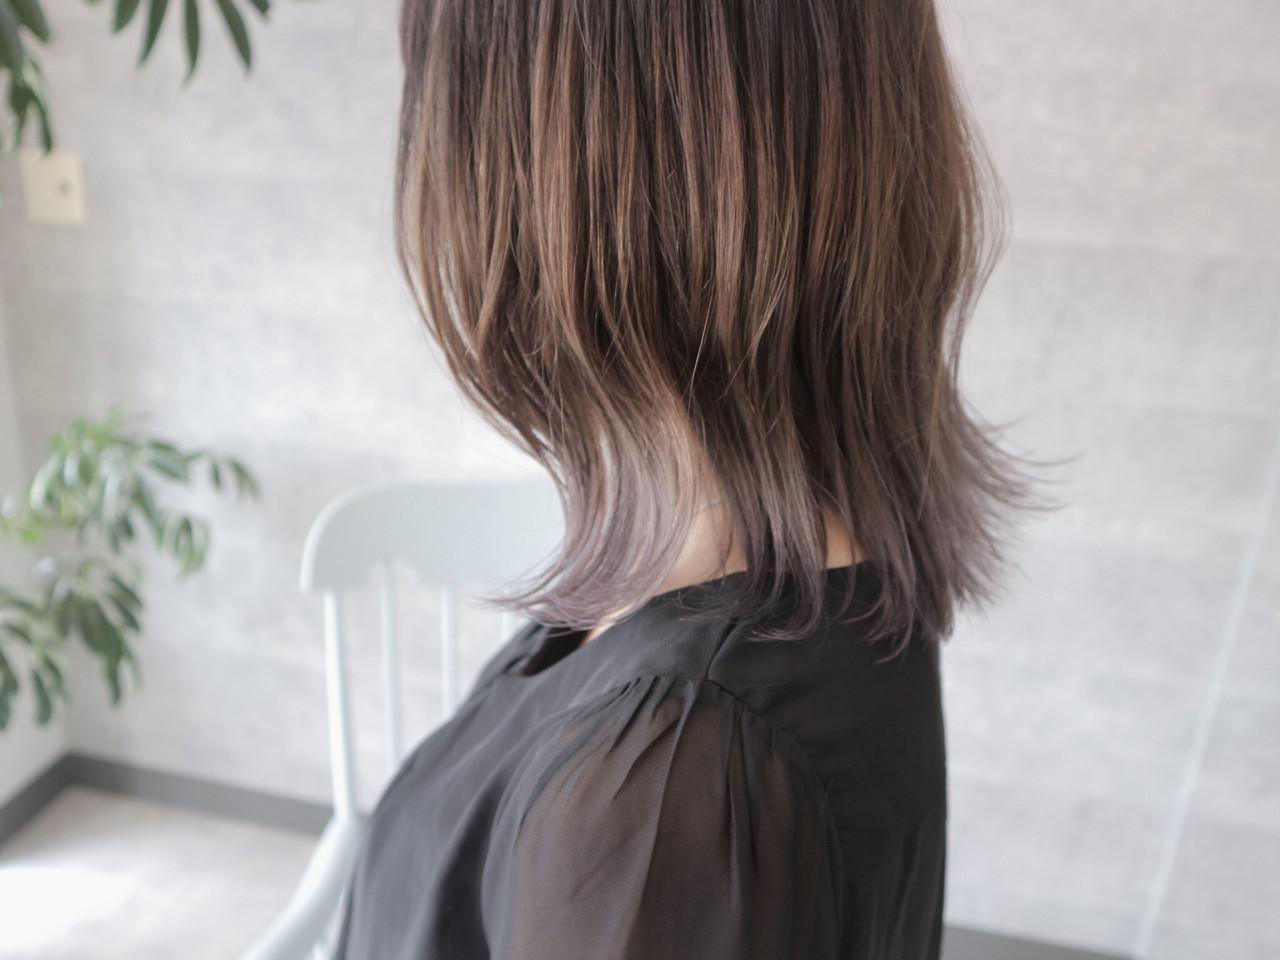 大人女子 グラデーションカラー ボブ ミディアム ヘアスタイルや髪型の写真・画像 | 桑村亮太/CALIF hair store / 函館/CALIF hair store/キャリフ ヘアストア